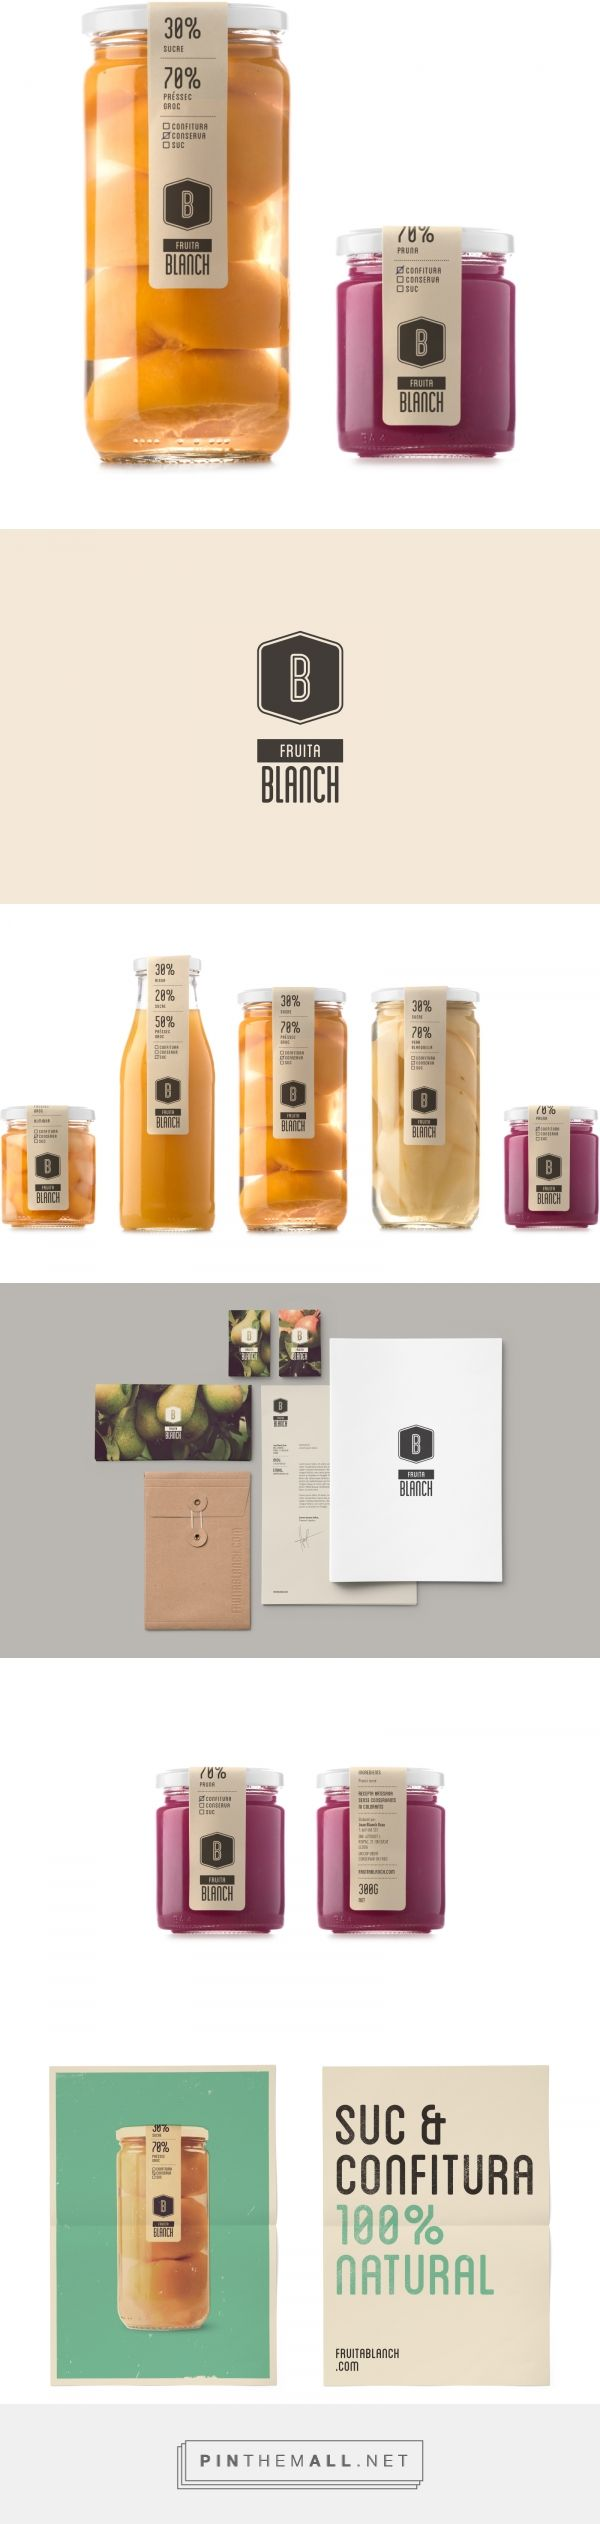 Fruita Blanch packaging by Atipus | Diseño gráfico curated by Packaging Diva PD. La nueva línea de productos Fruita Blanch quiere dar salida comercial a las conservas caseras que elabora la familia Blanch. Con fruta y productos de cosecha propia, 100% nat http://jrstudioweb.com/diseno-grafico/diseno-de-logotipos/